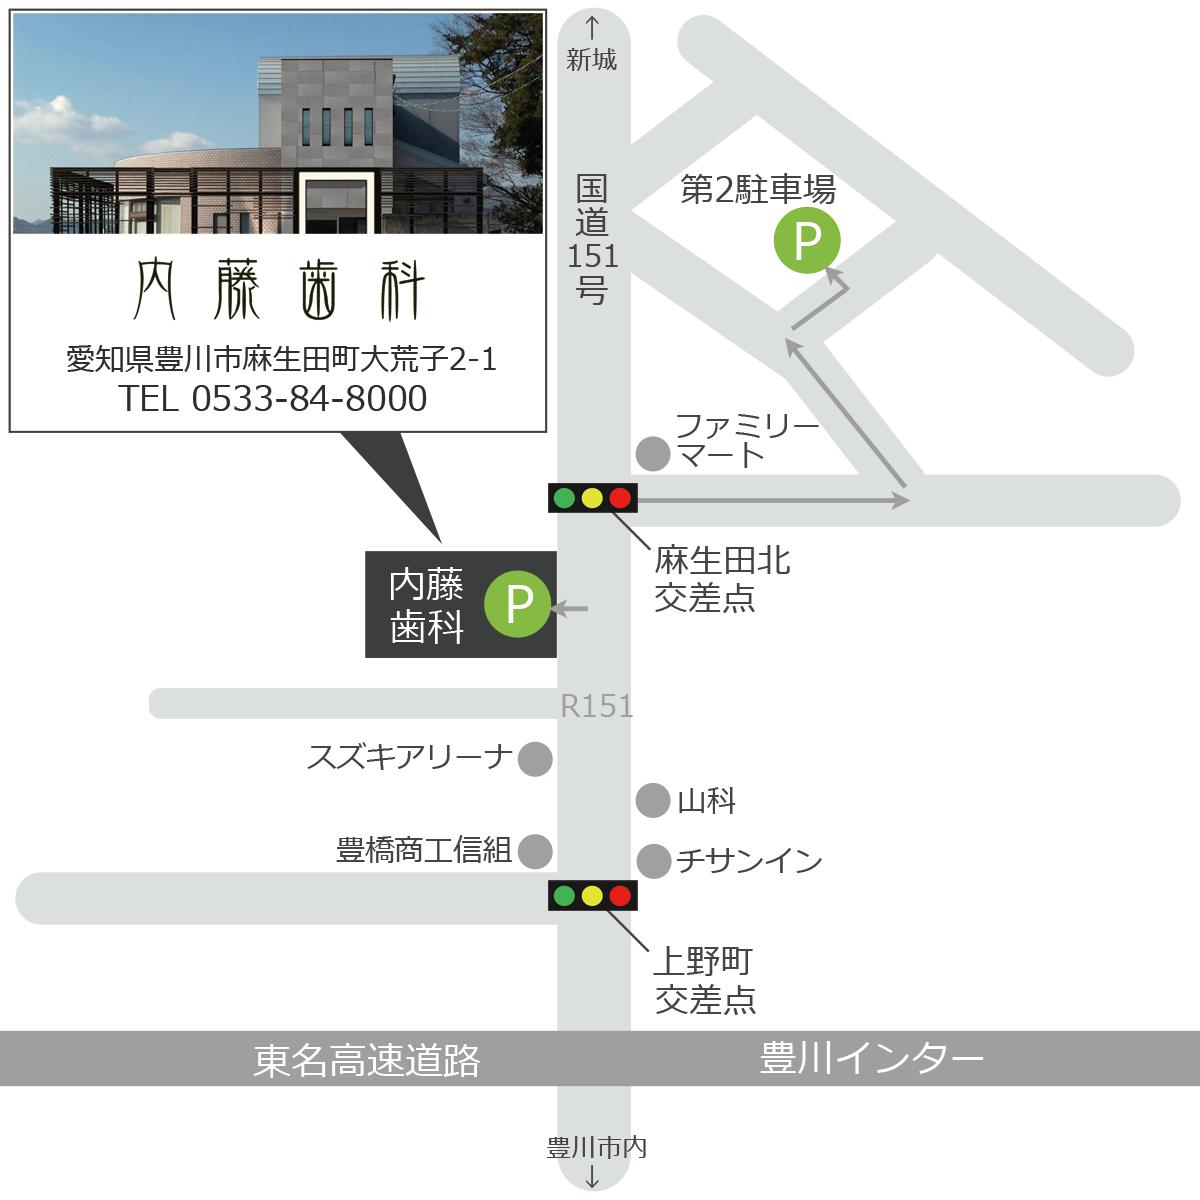 内藤歯科 地図 アクセスマップ